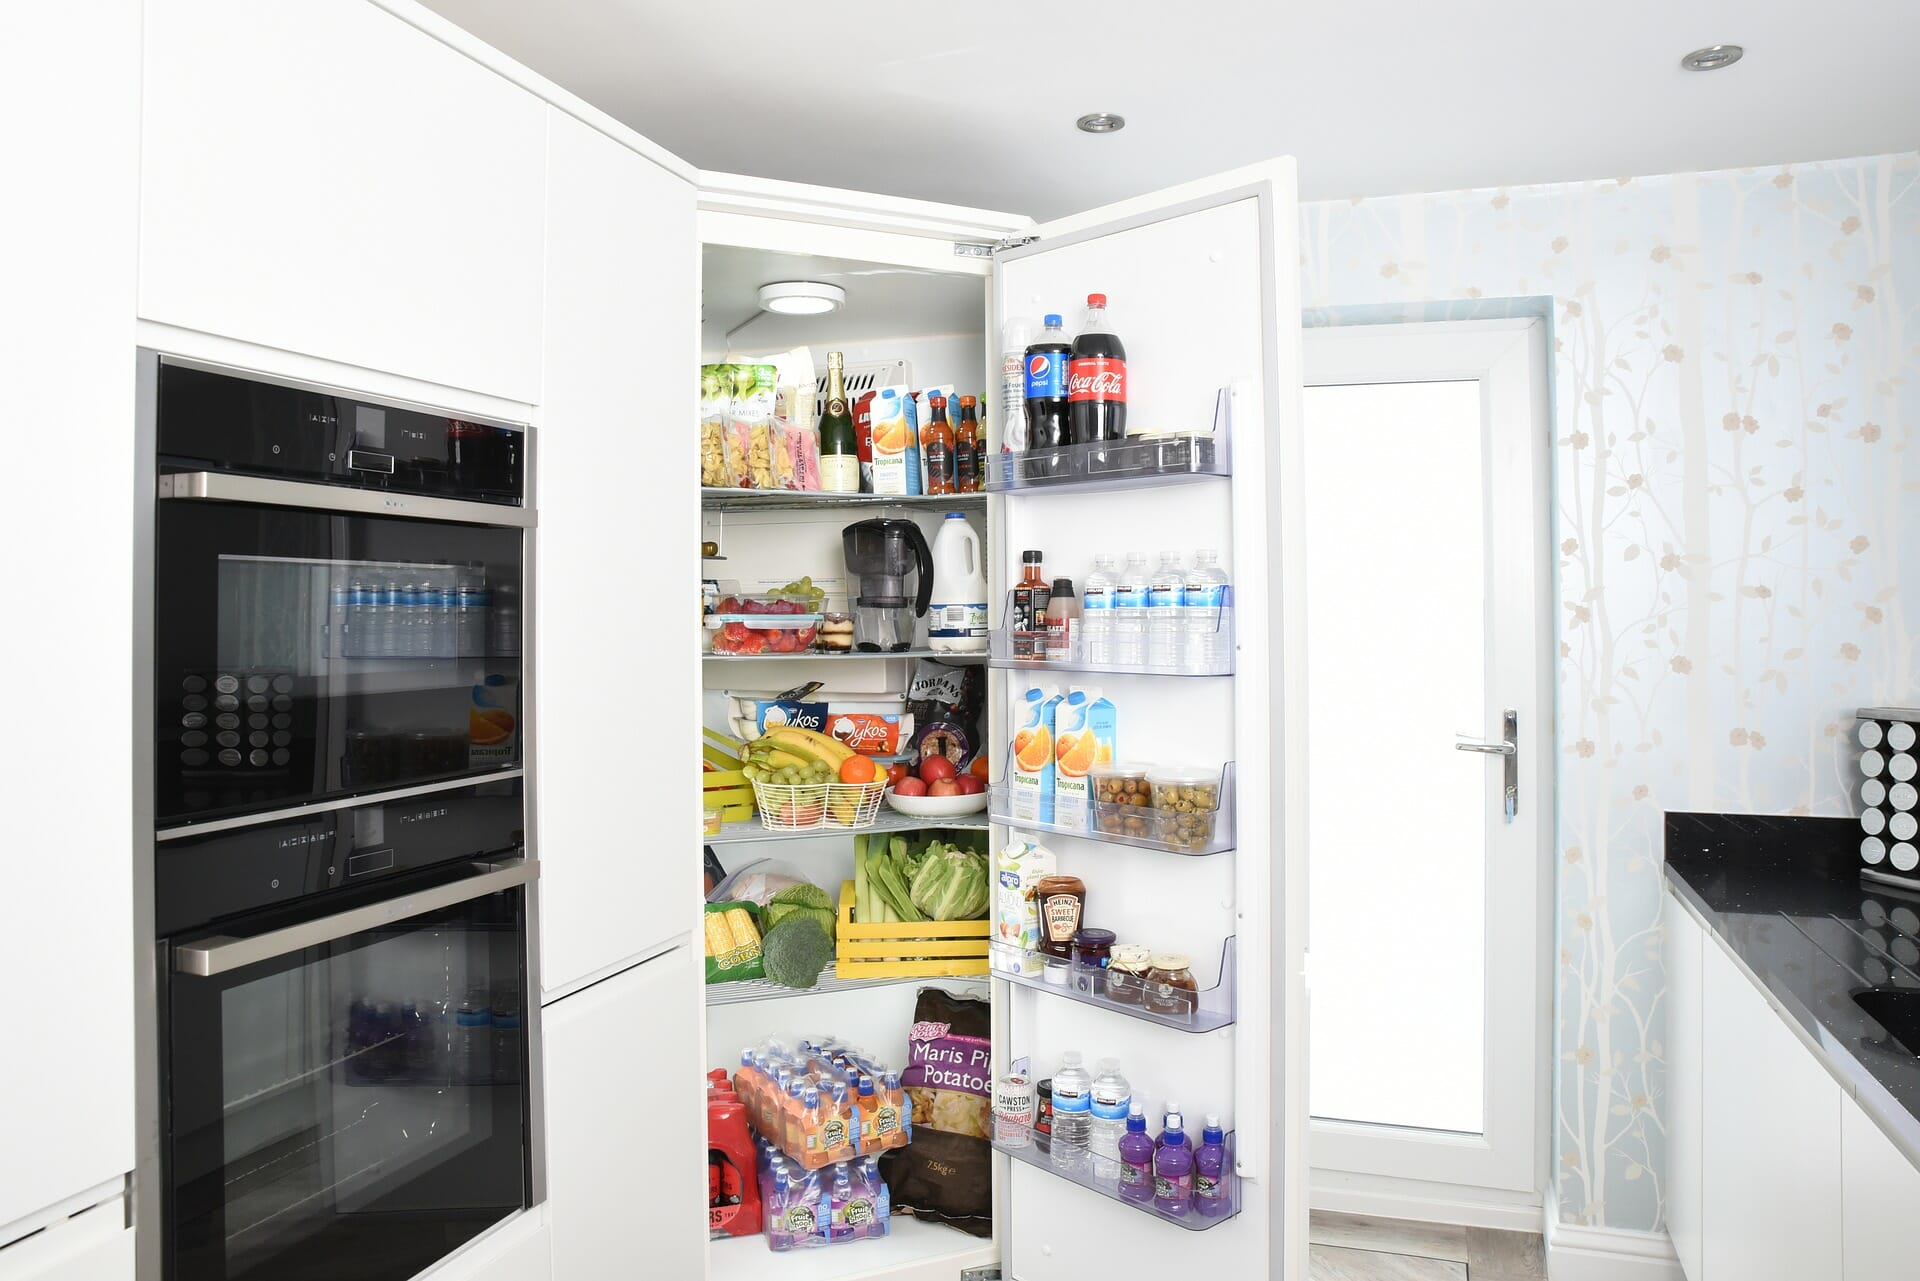 fridge 3475996 1920